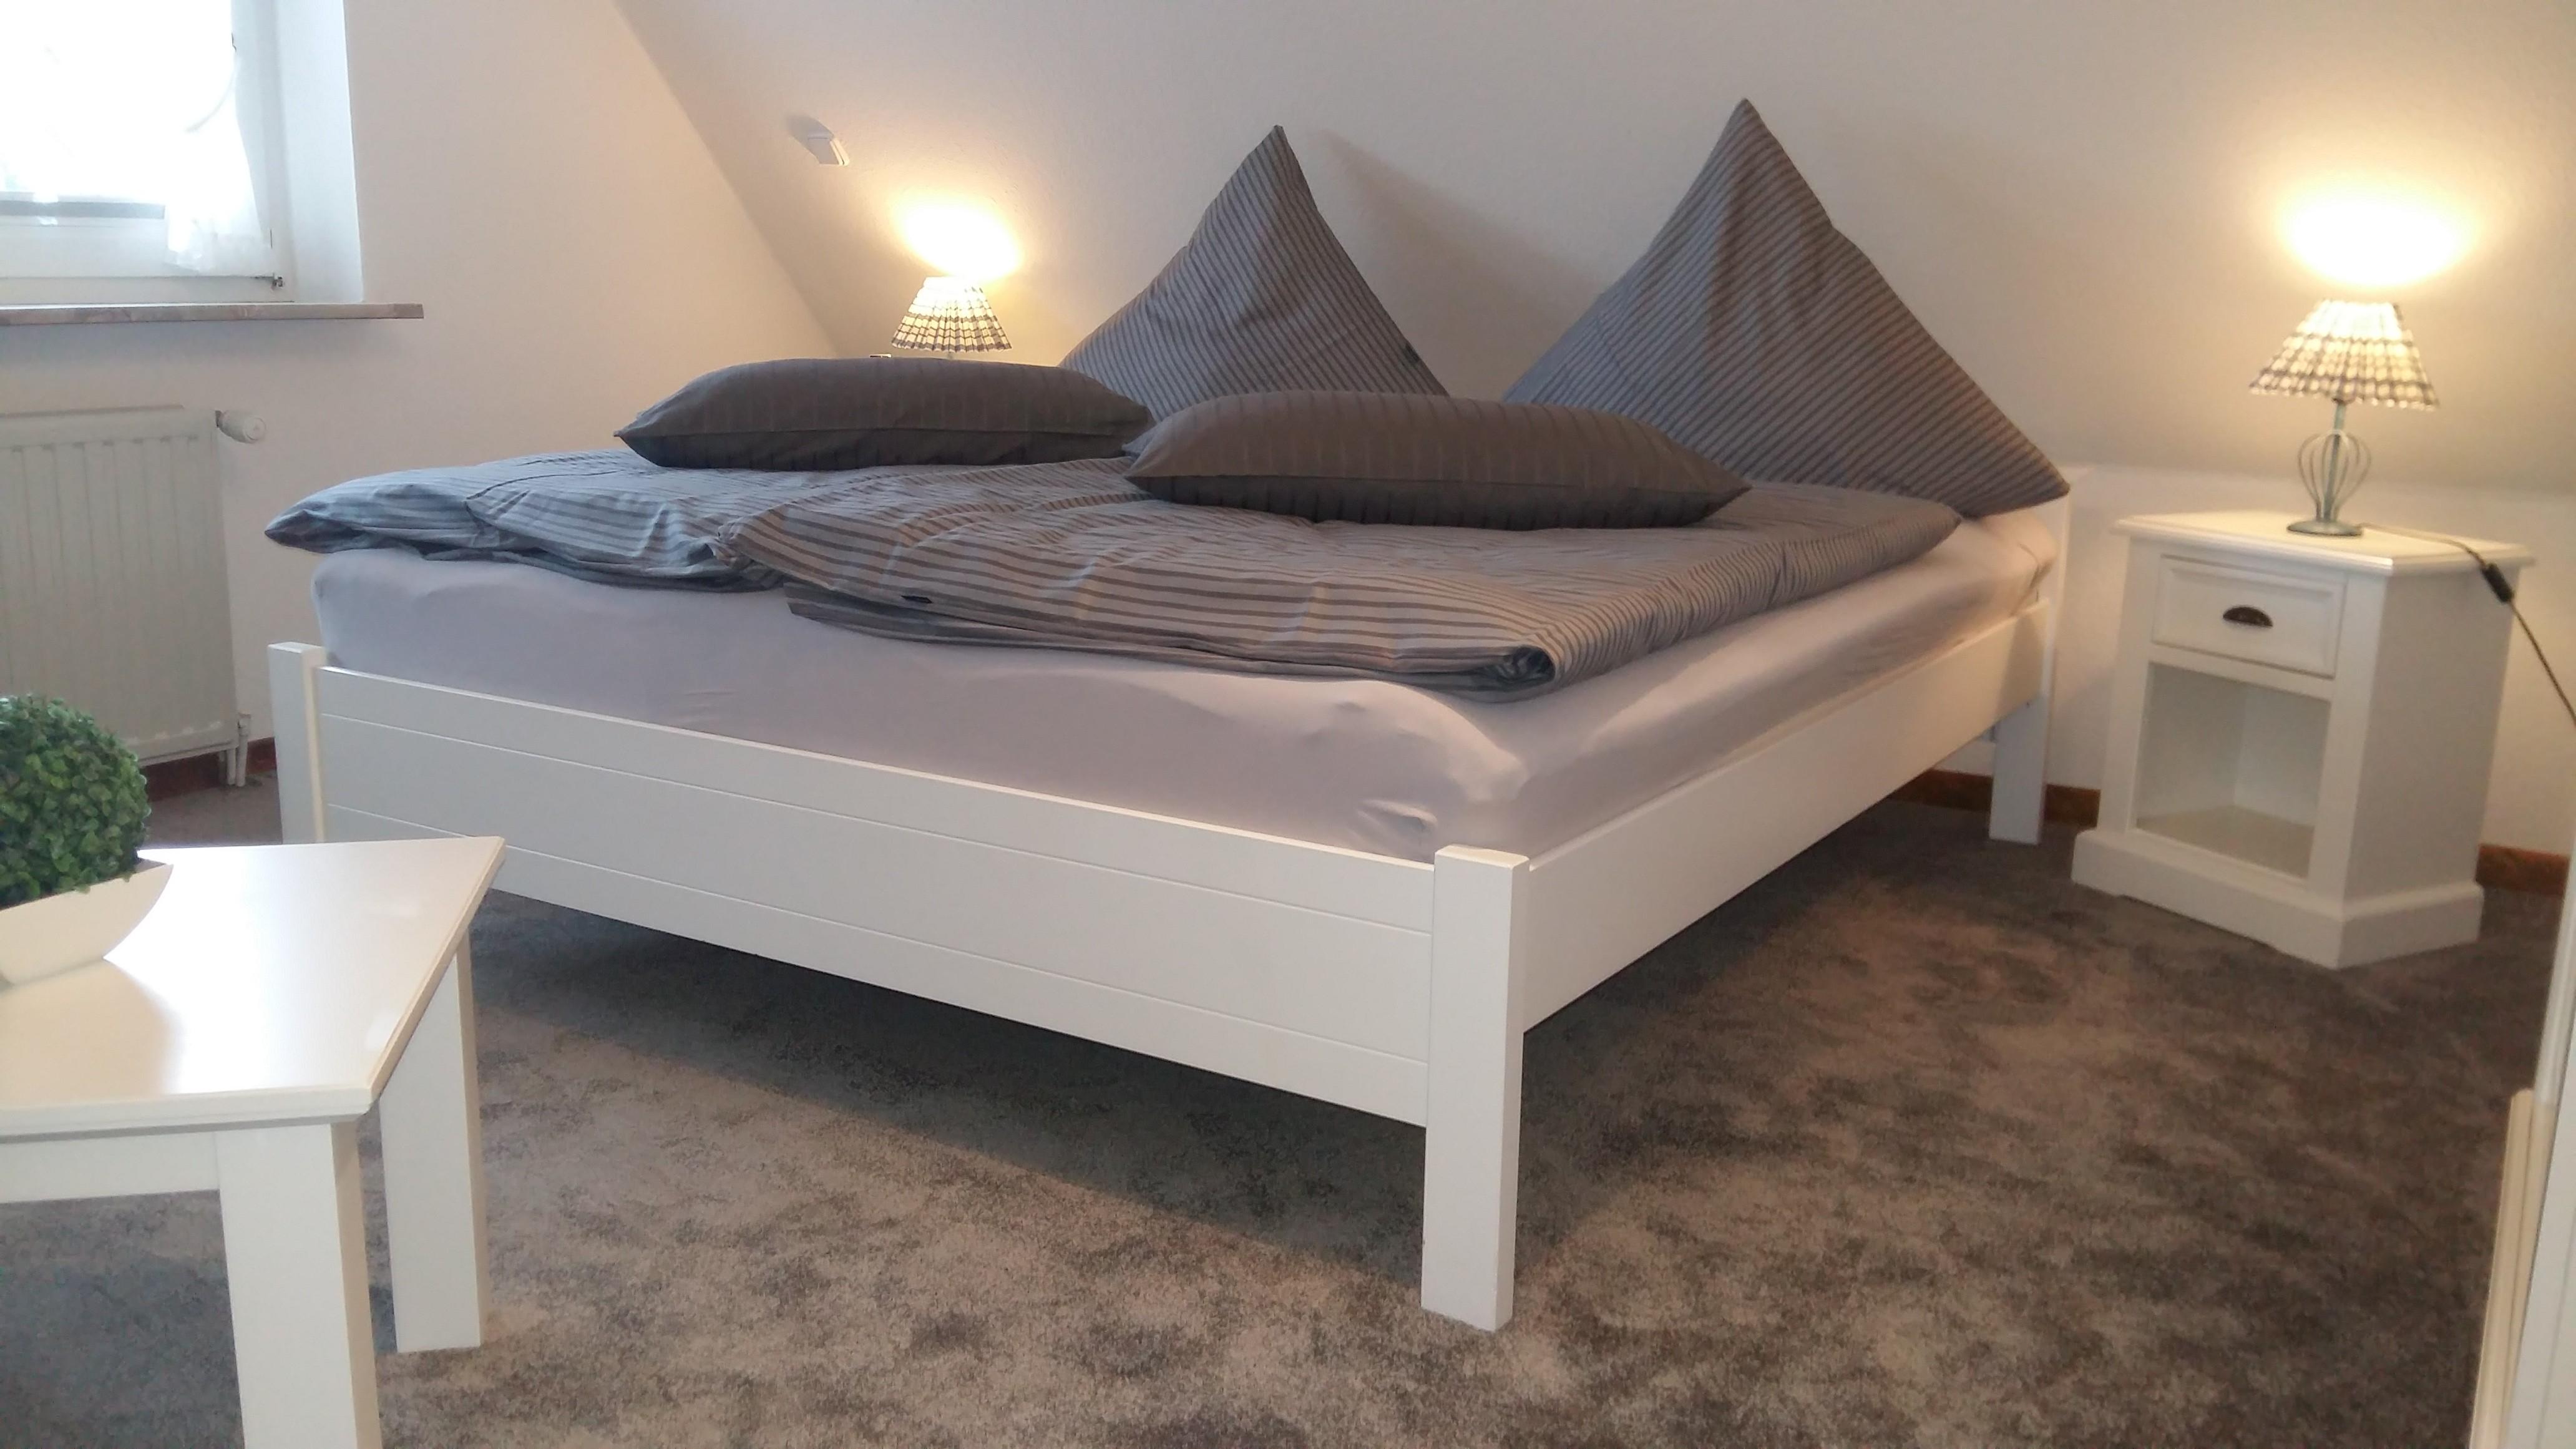 nebenkosten 3 personen haushalt durchschnittliche. Black Bedroom Furniture Sets. Home Design Ideas